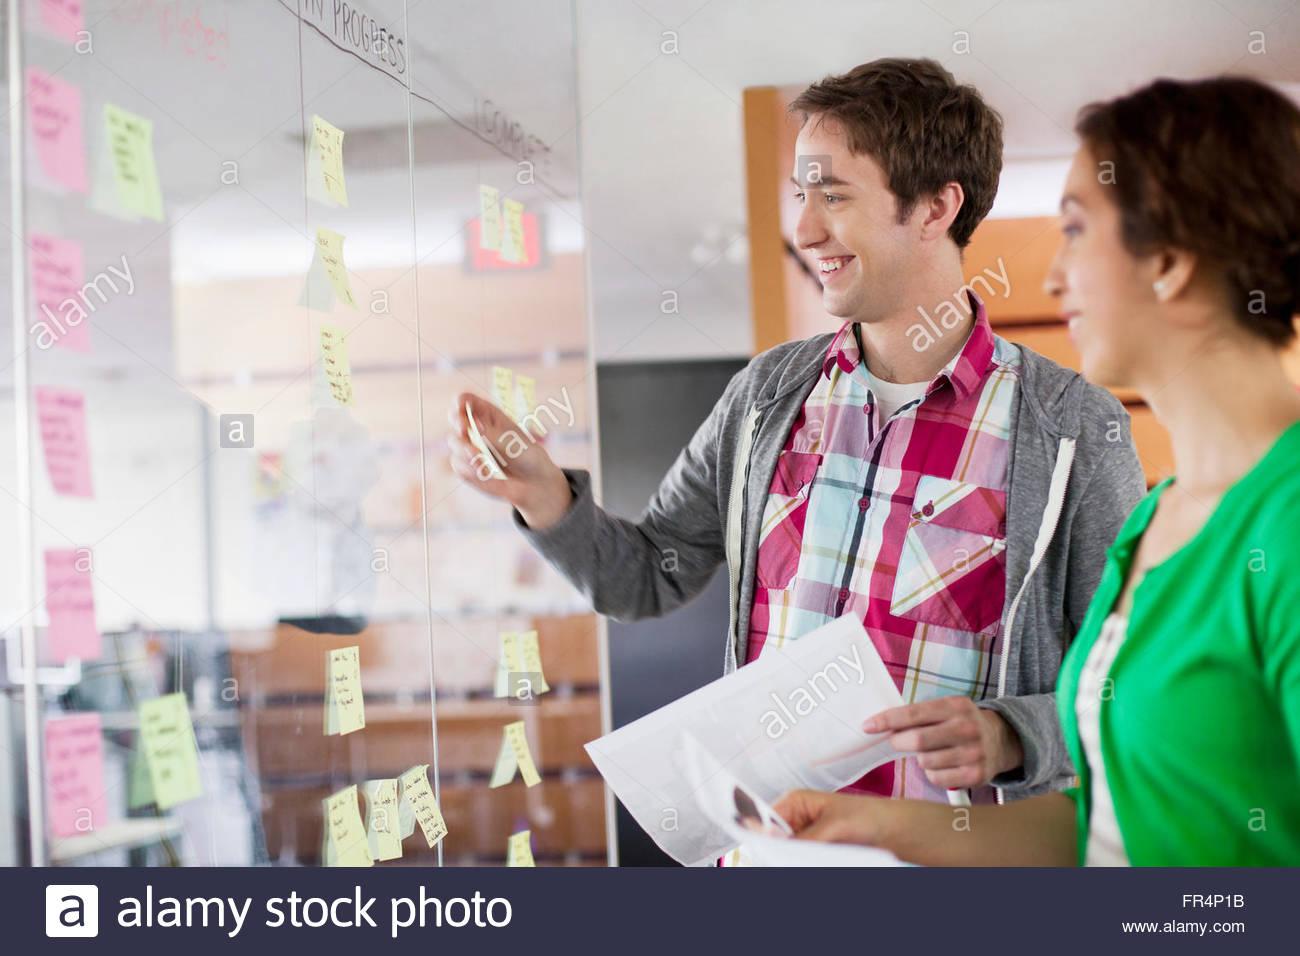 Compañeros de la planificación de su estrategia de flujo de trabajo en una oficina moderna Imagen De Stock